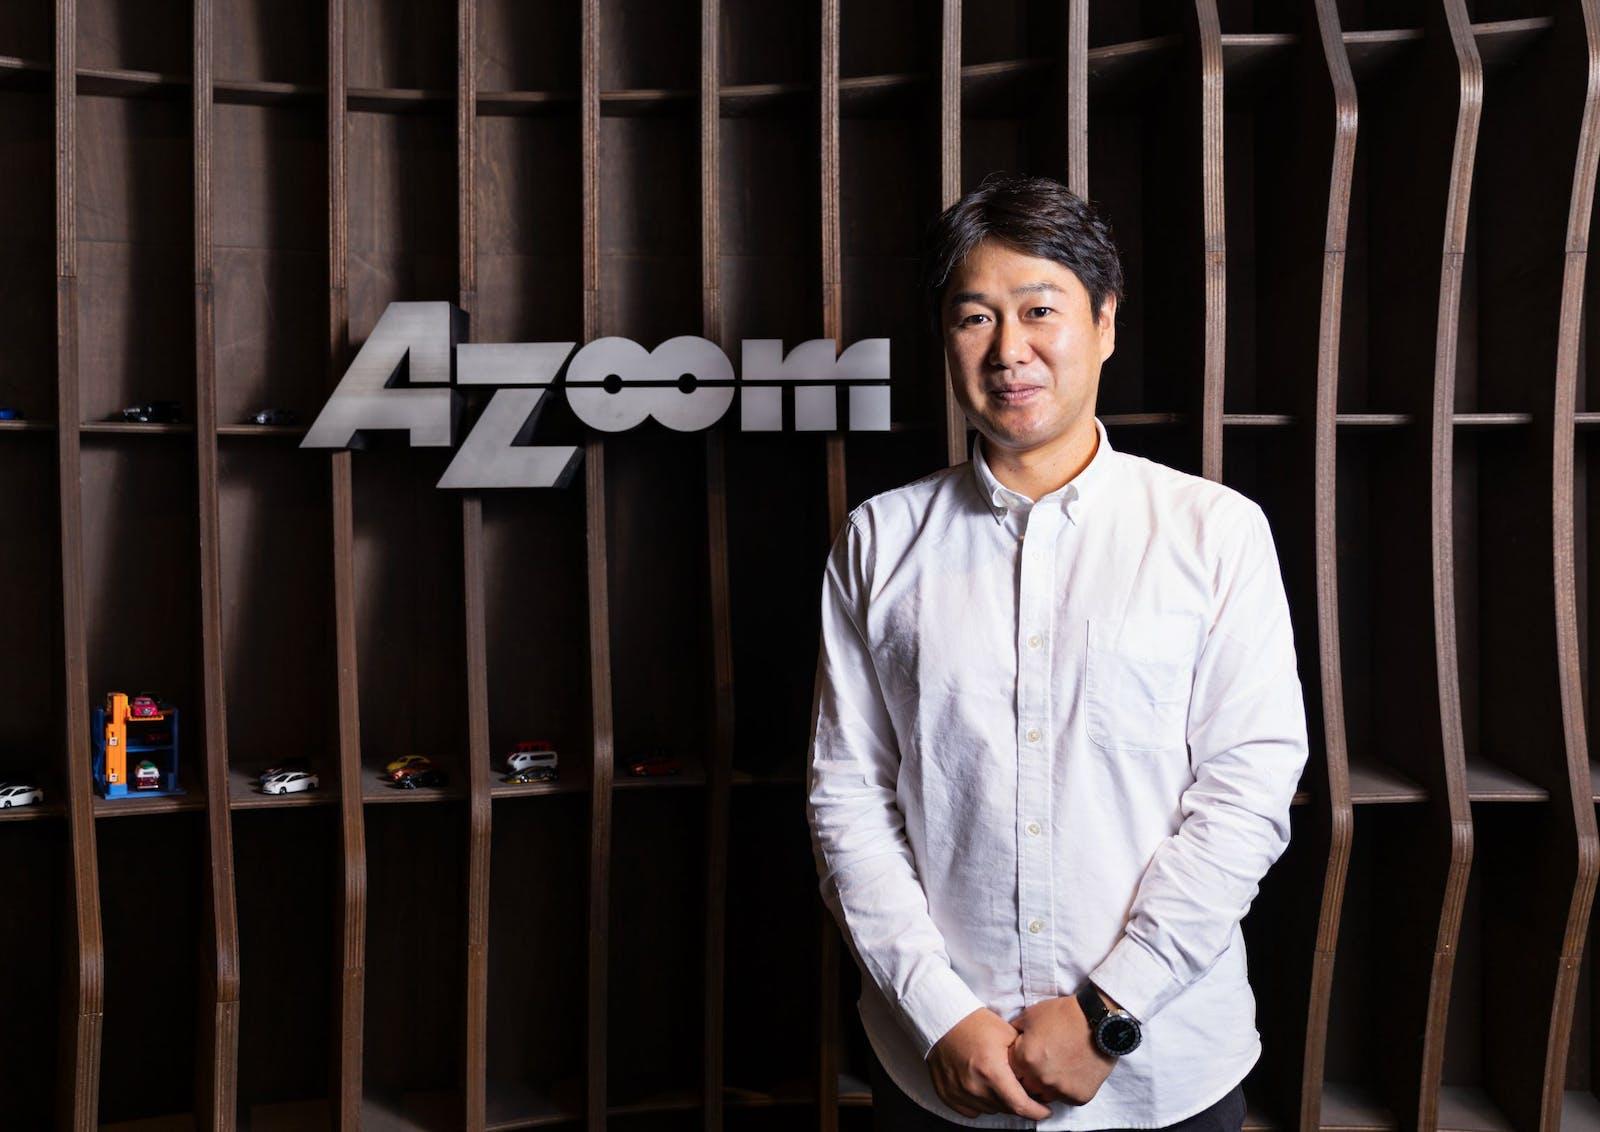 株式会社アズームのアイキャッチ画像